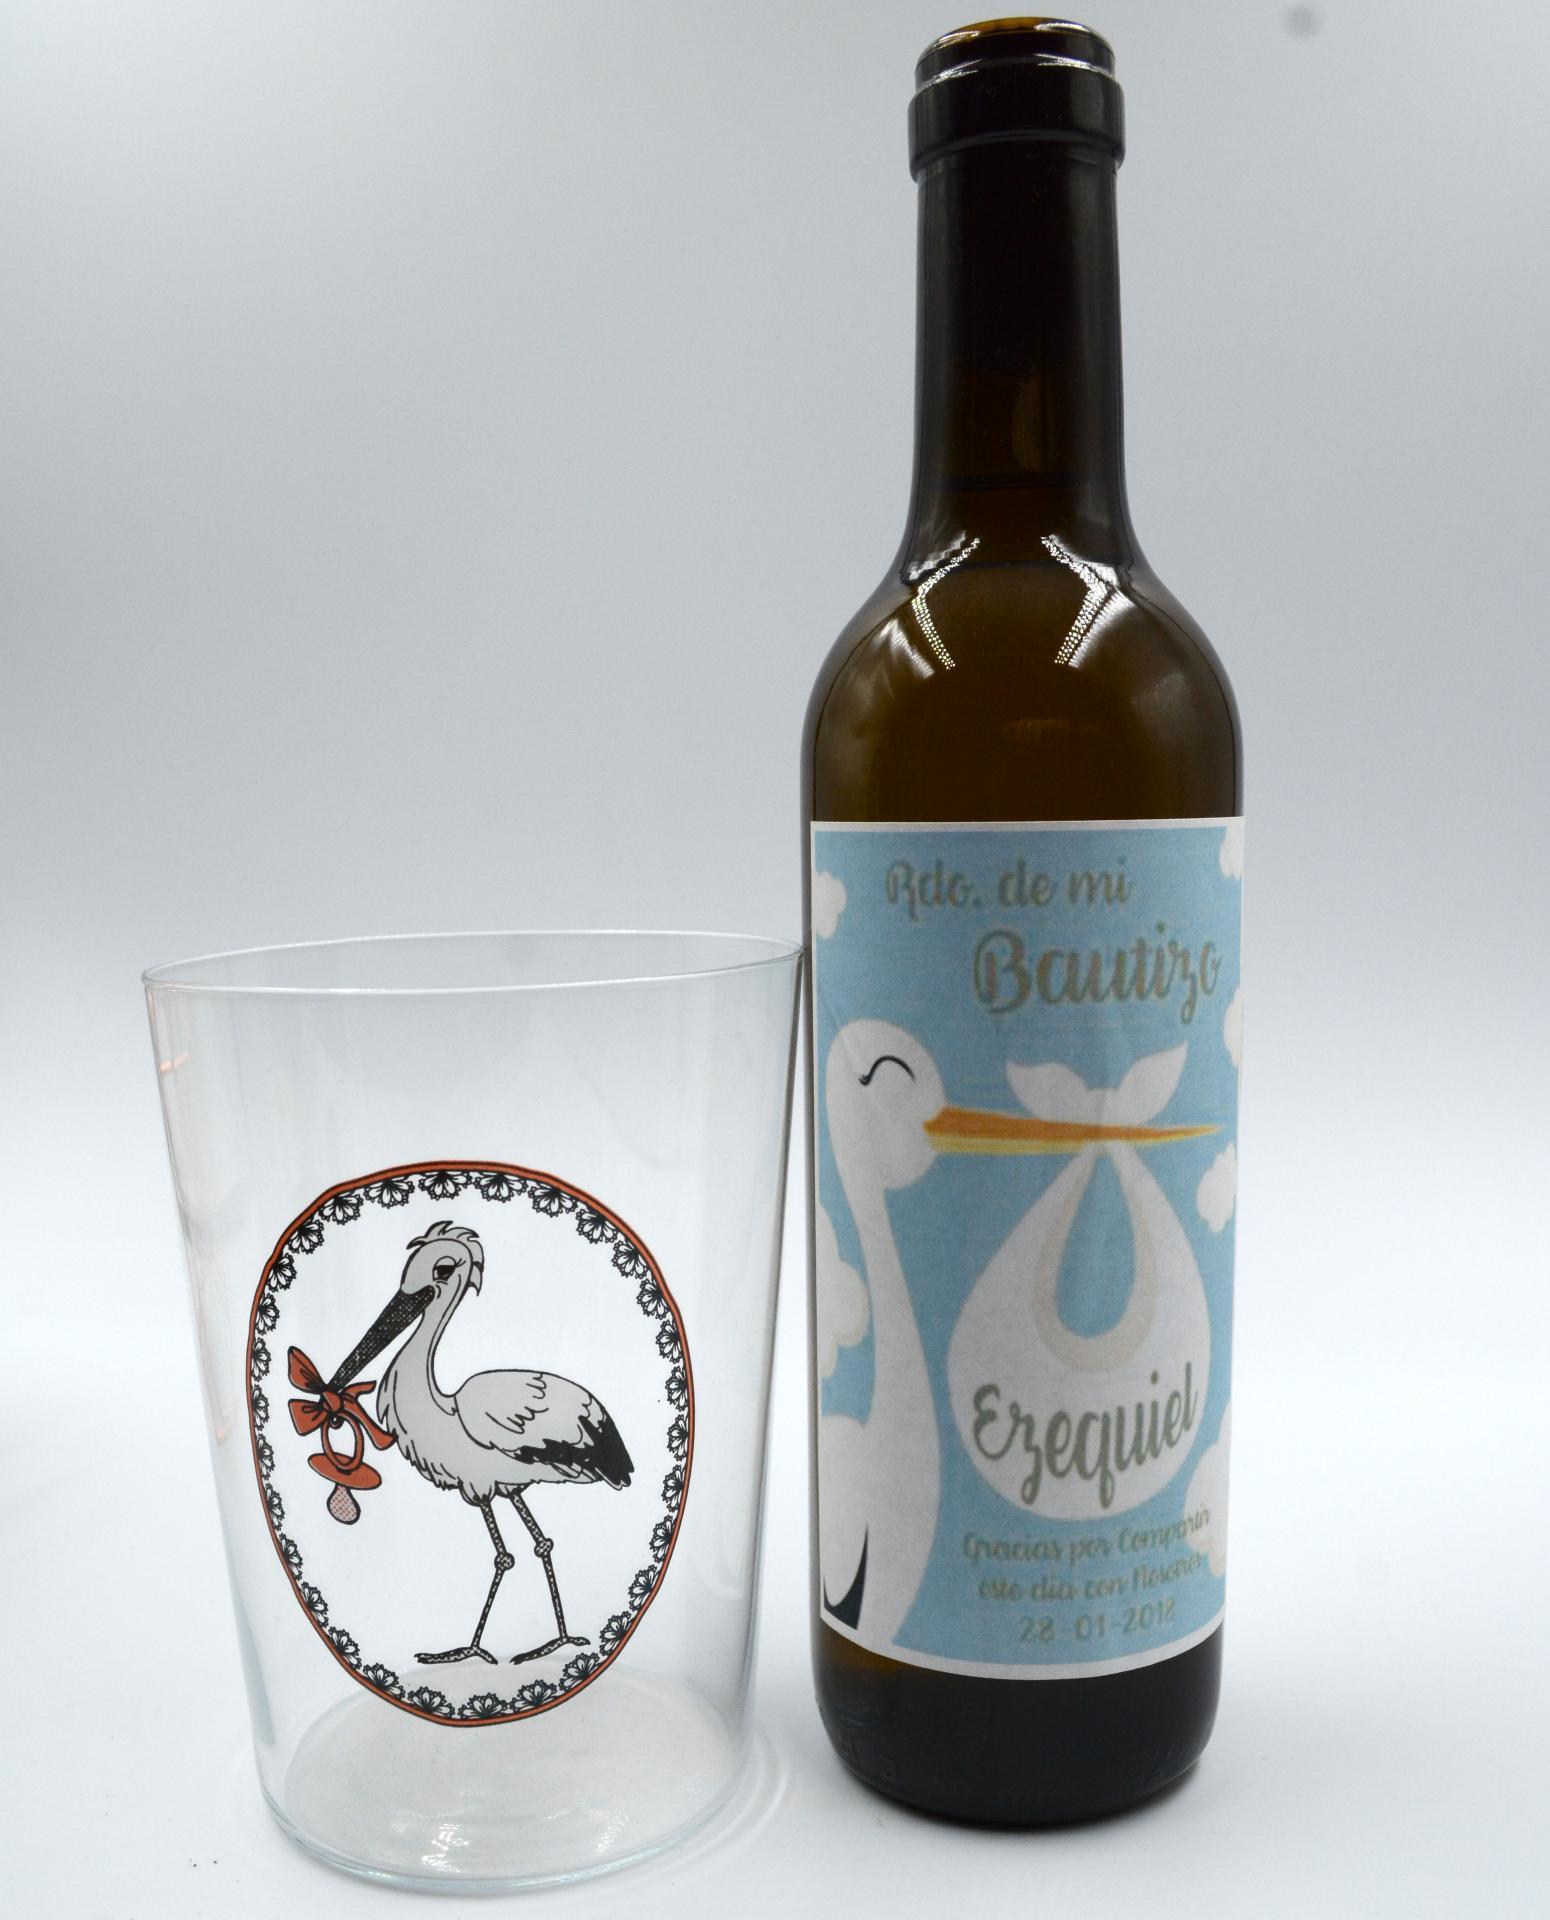 Vaso de Sidra Bautizo con Botella de Sidra Natural Llagarín Personalizada